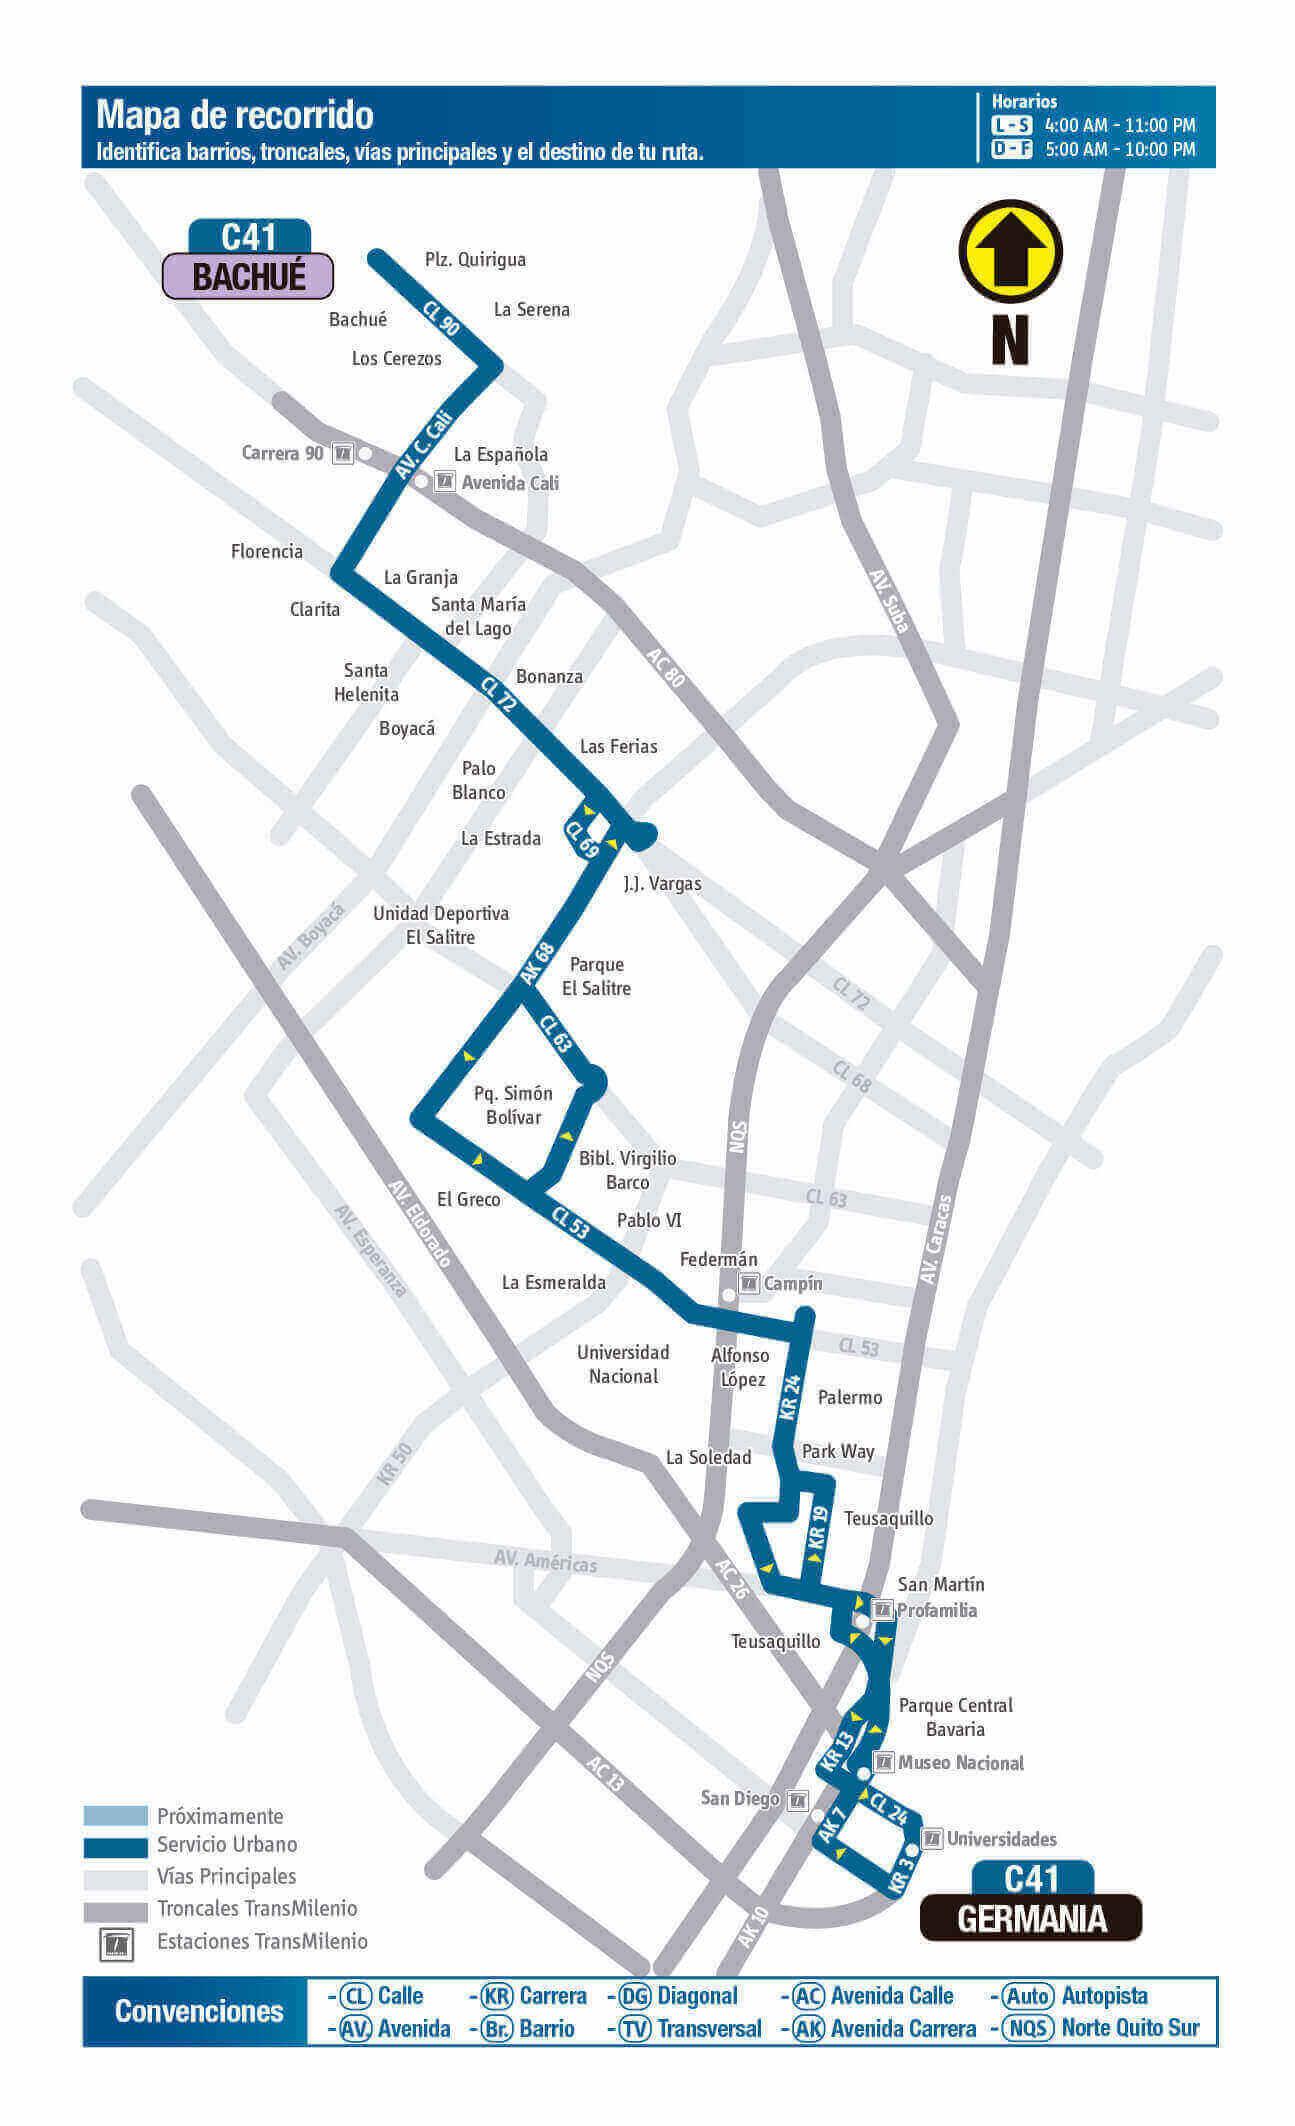 Mapa de la ruta C41 del SITP